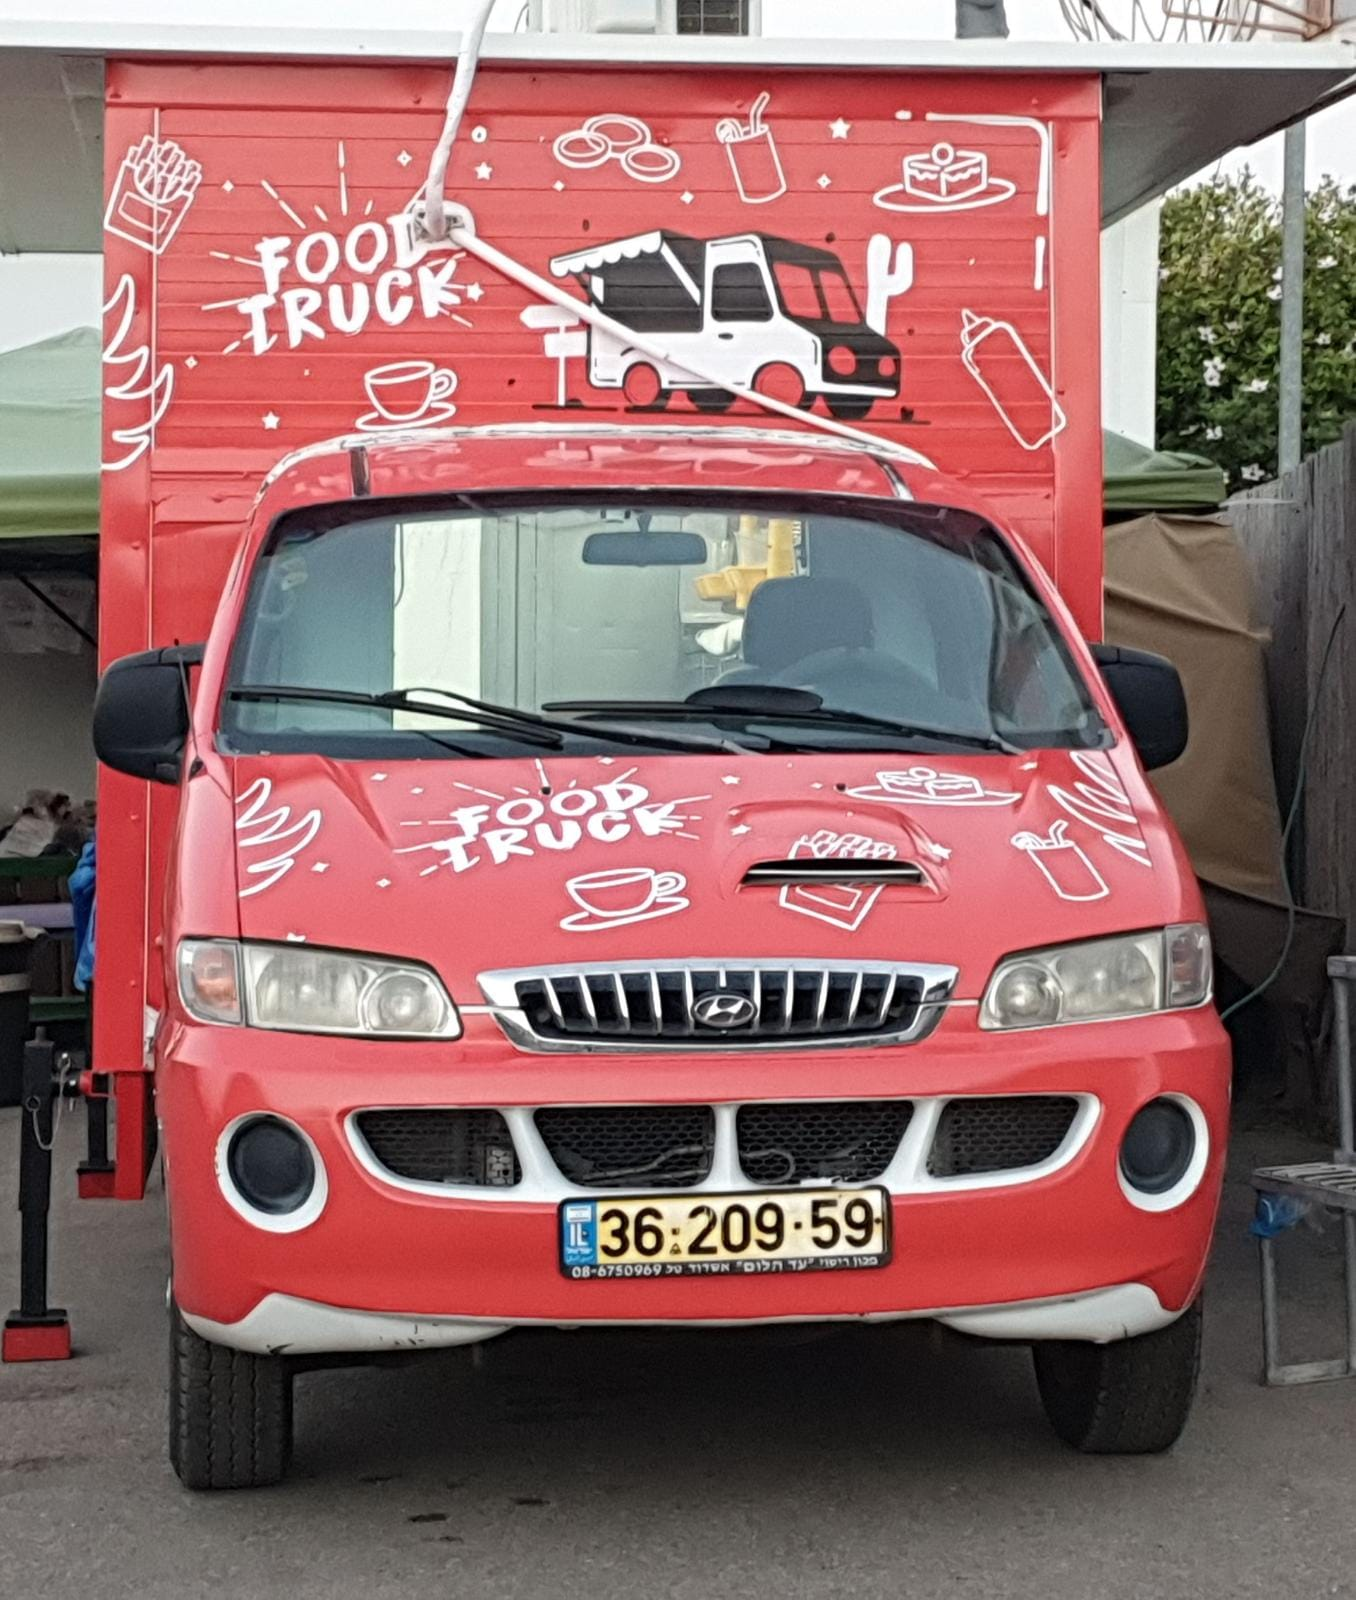 רכב אוכל משק טל